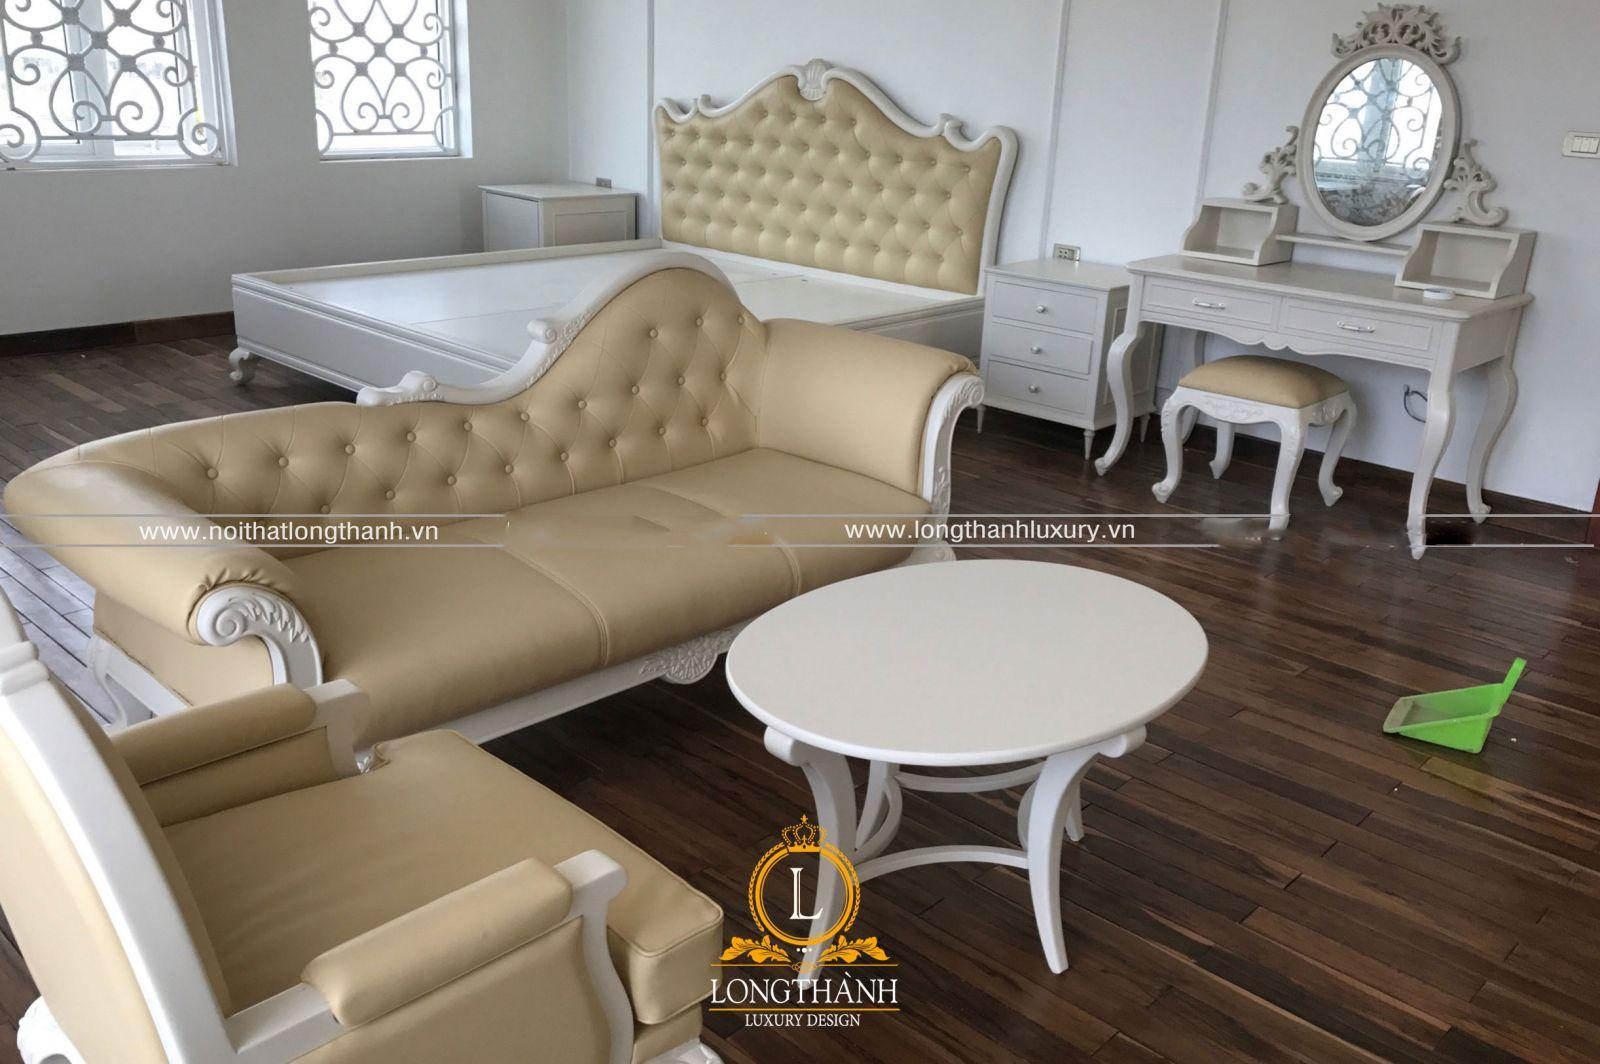 Sofa nhỏ trưng bày trong phòng ngủ